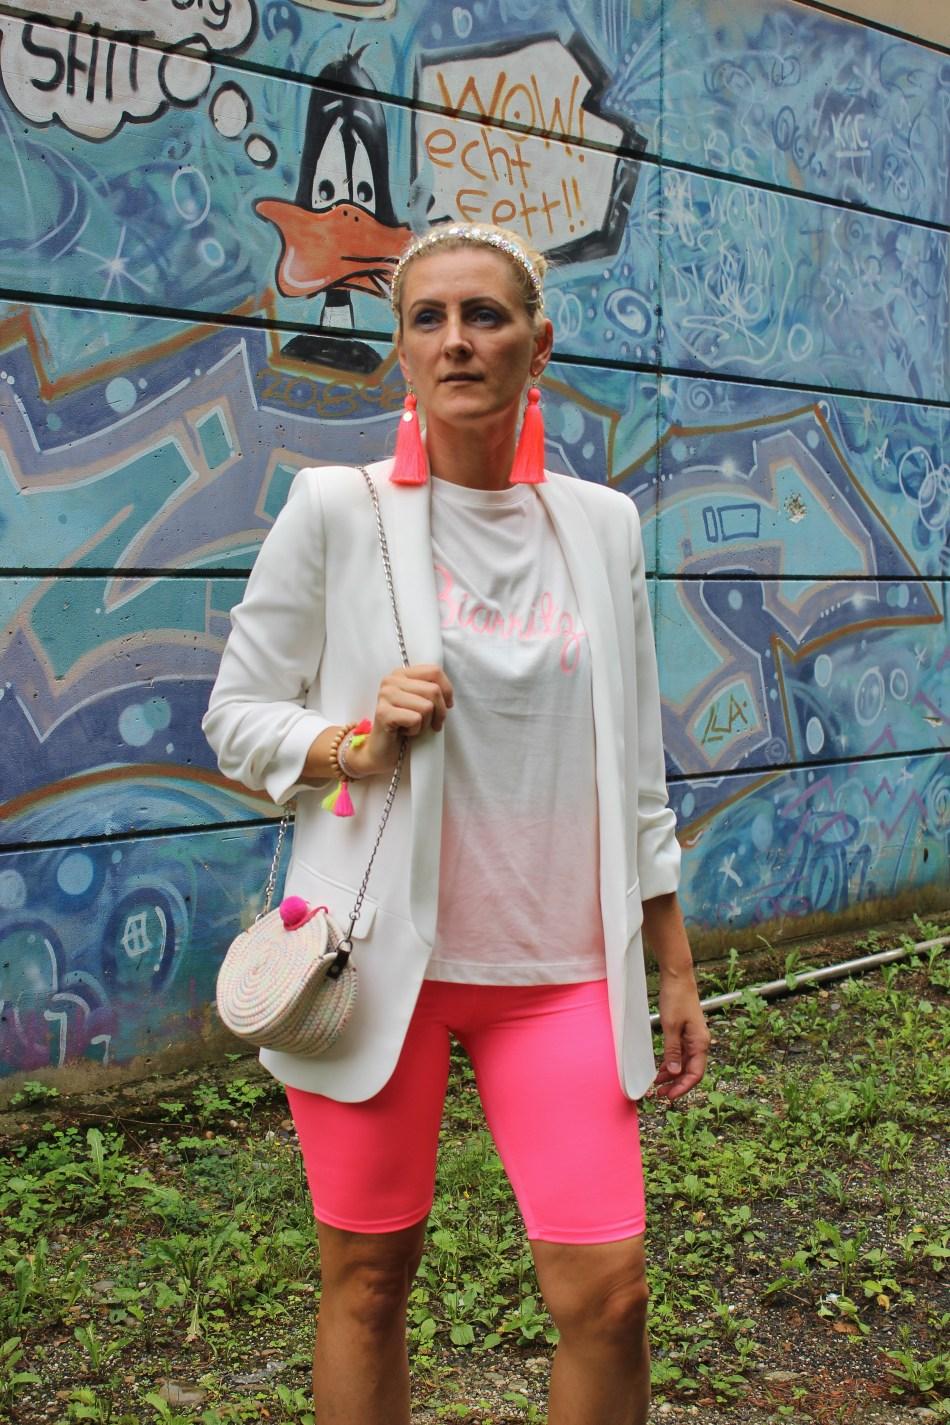 Neon-Radlerhose-Bikerpants-carrieslifestyle-Superga-Platforms-White-Blazer-Pompoms-carrieslifestyle-Tamara-Prutsch